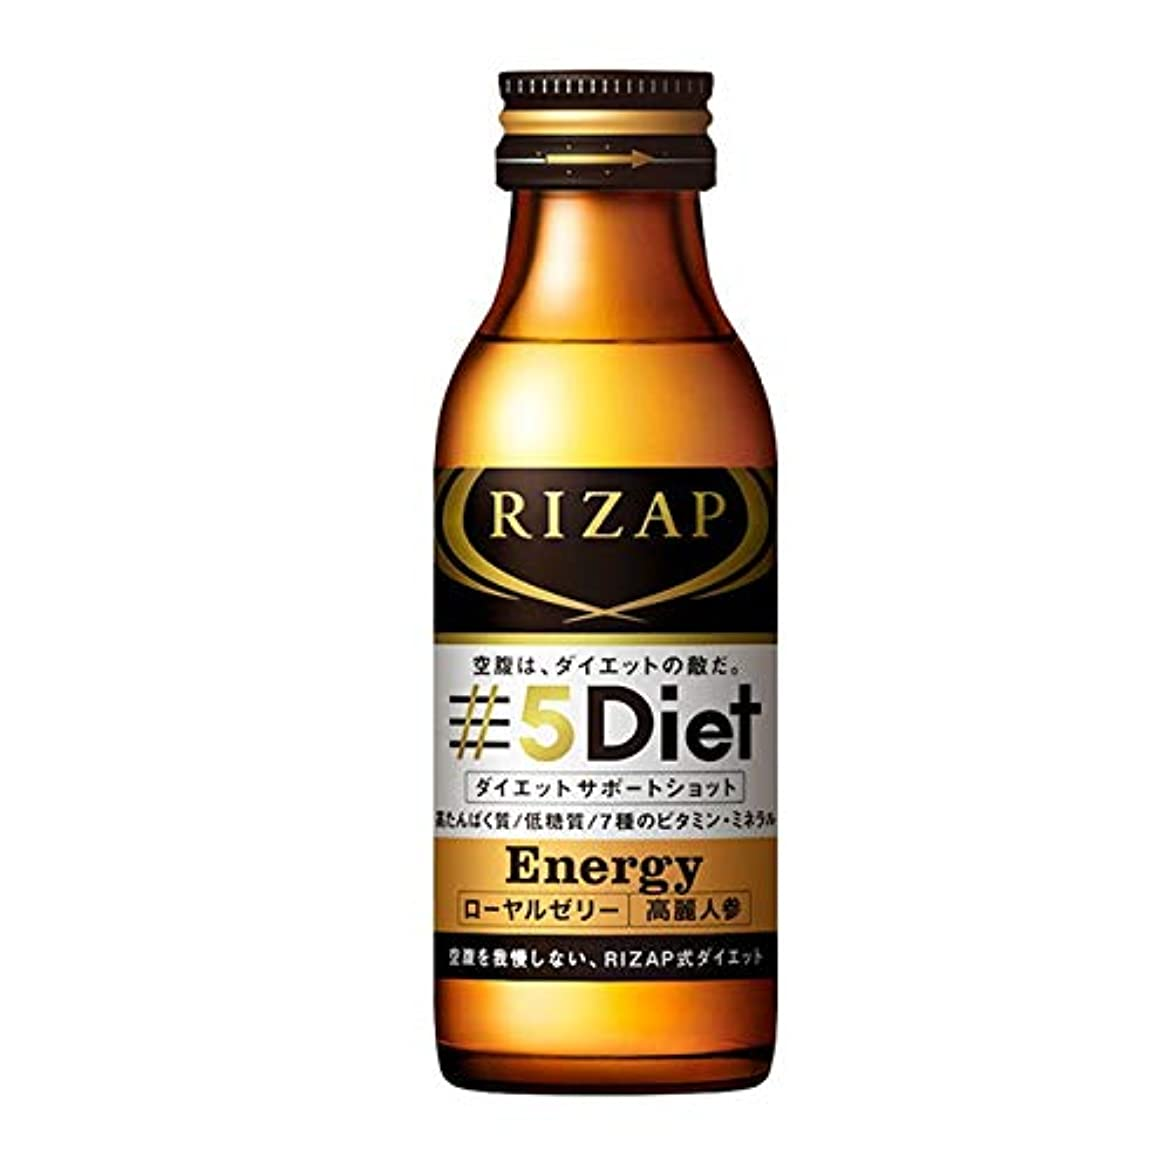 迷信楽しむ対処RIZAP(ライザップ) 5Diet ダイエットサポートショット エナジー 100ml【10本セット】※検品時に箱を開梱させて頂く商品です。